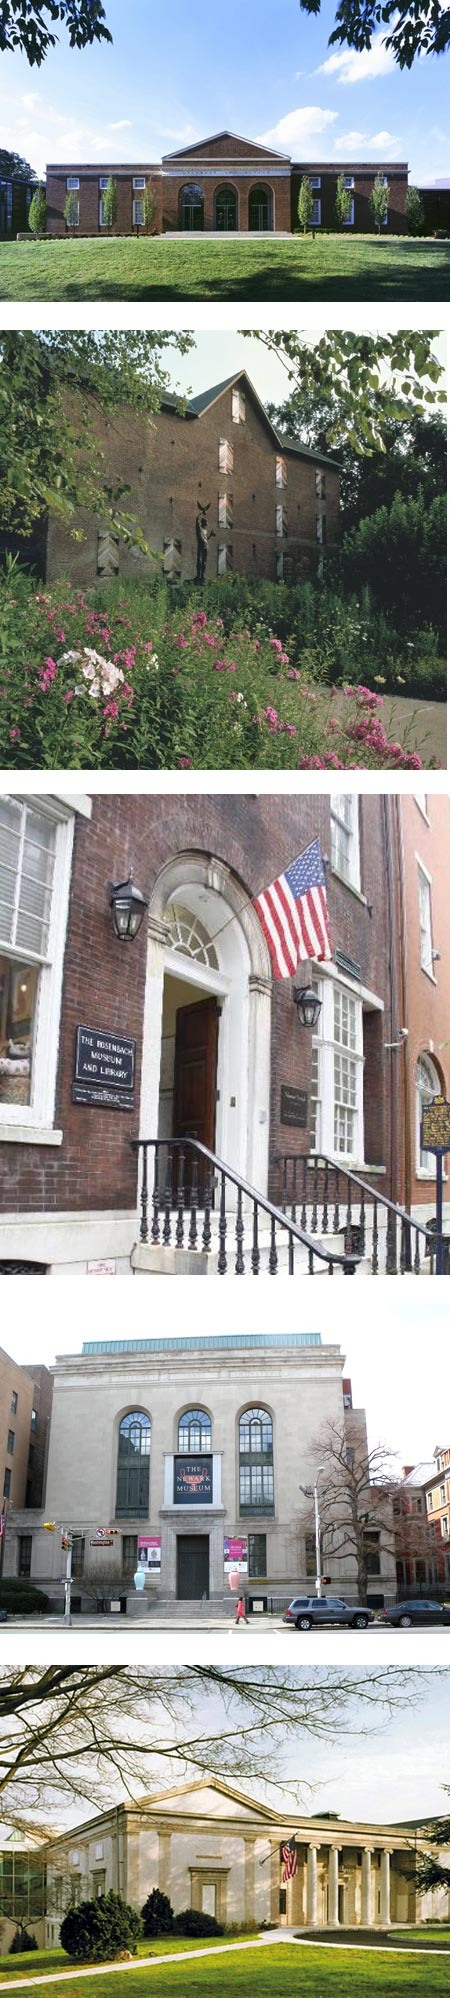 Museum Day, 2013: Delaware Art Museum; Brandywine River Museum, Rosenbach Museum; Newark Museum, Montclair Museum